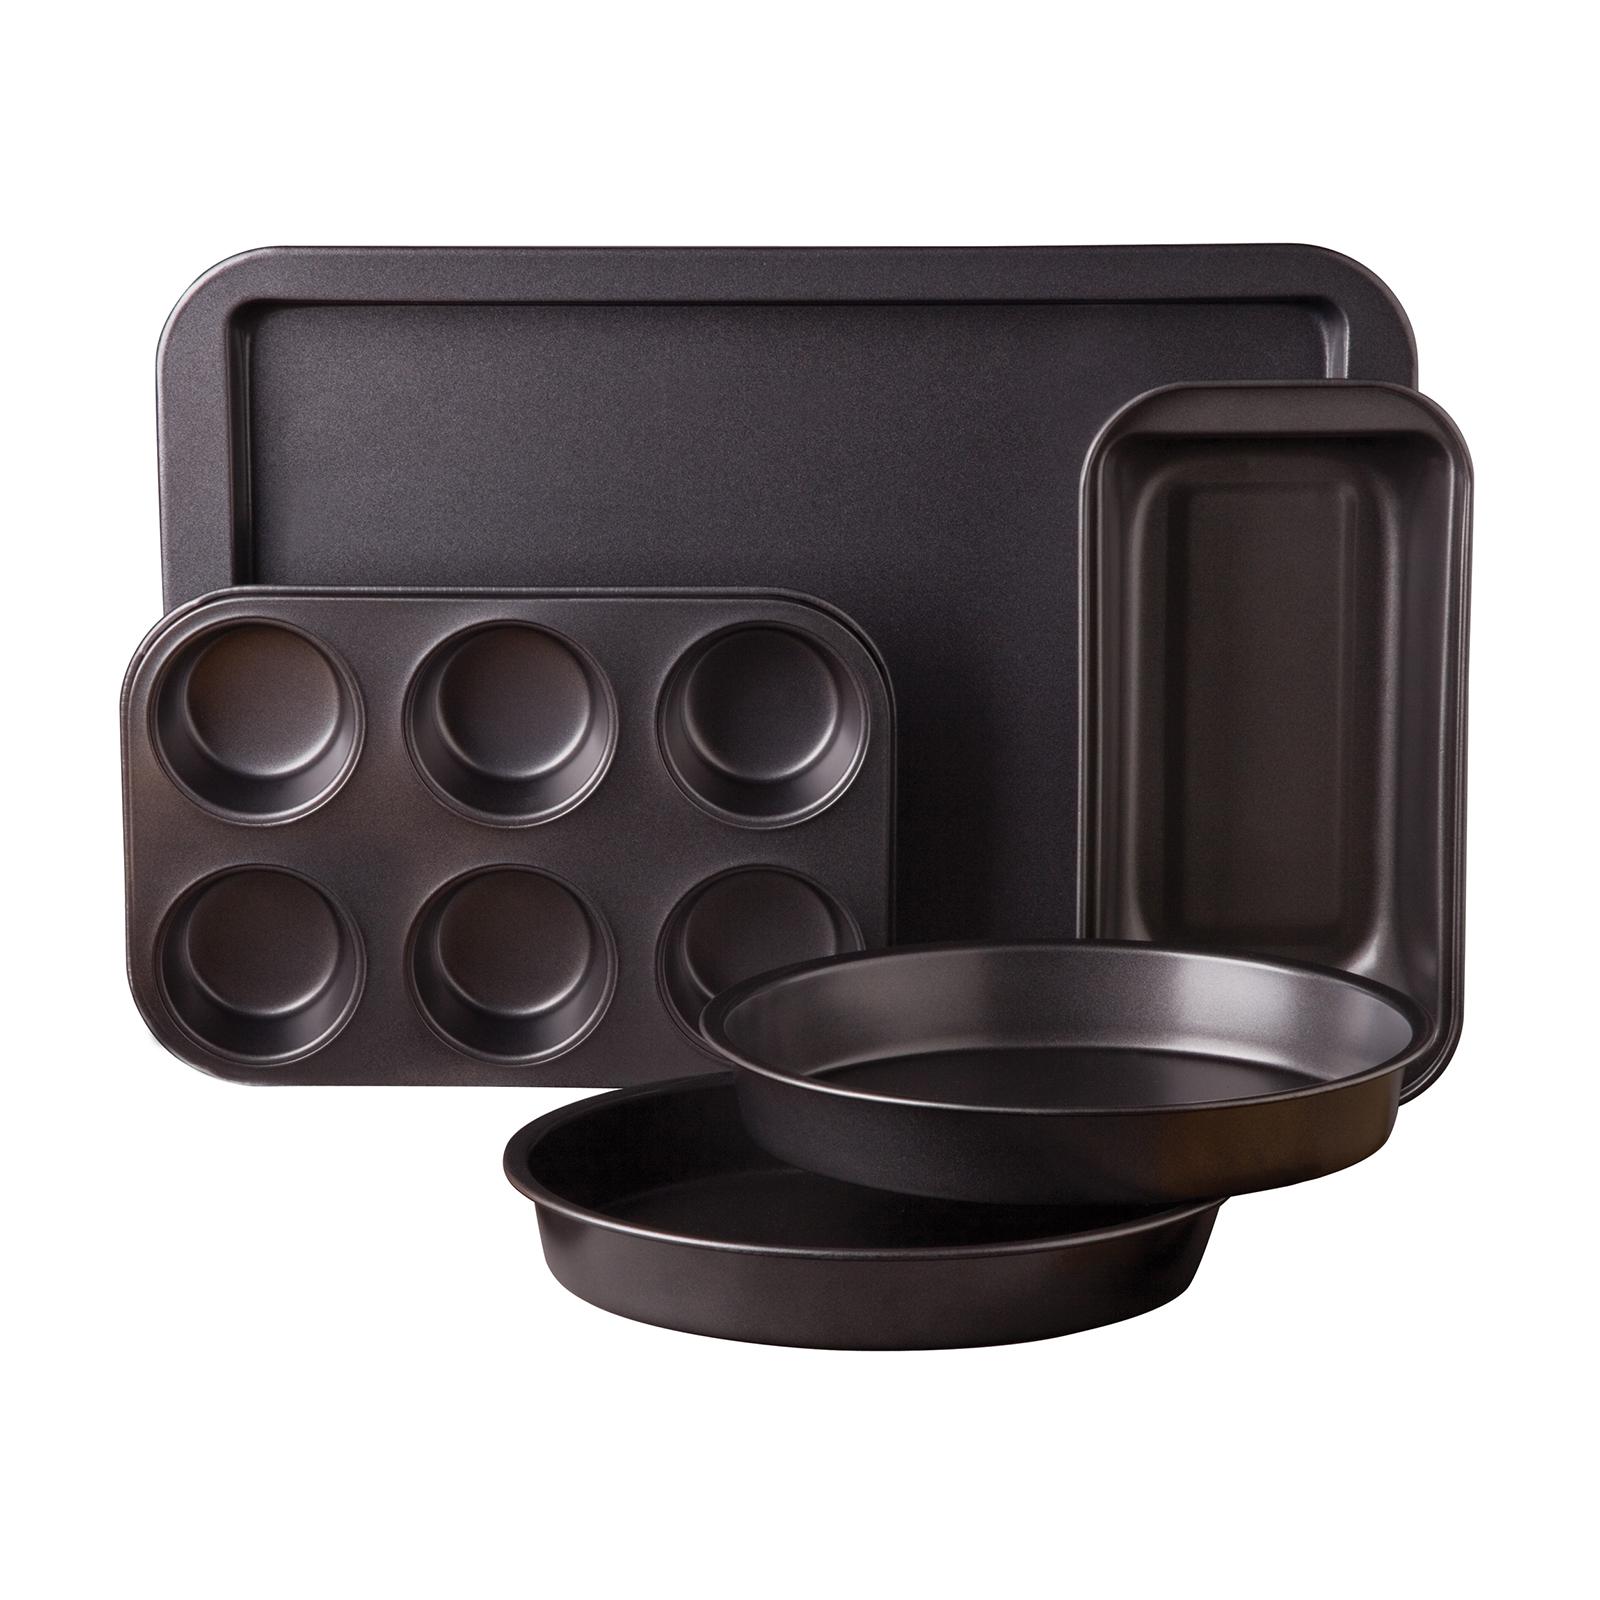 Gibson Sunbeam Kitchen Bake 5 piece Bakeware Set